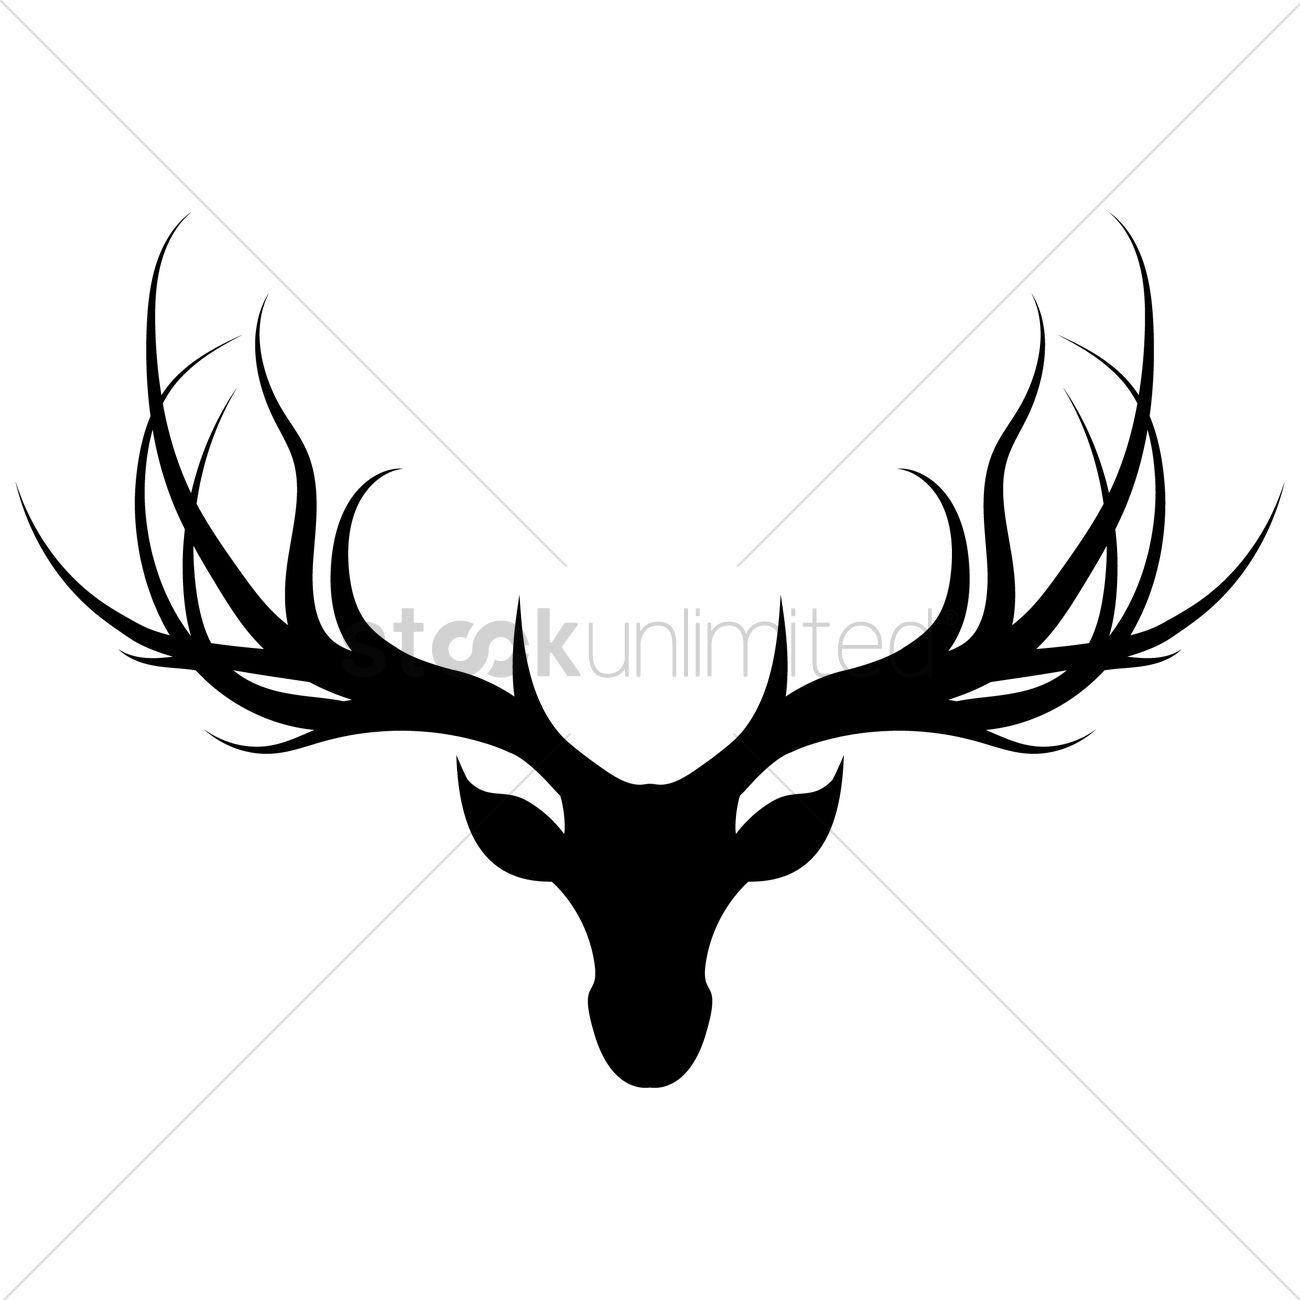 1300x1300 Deer Head Vector Image